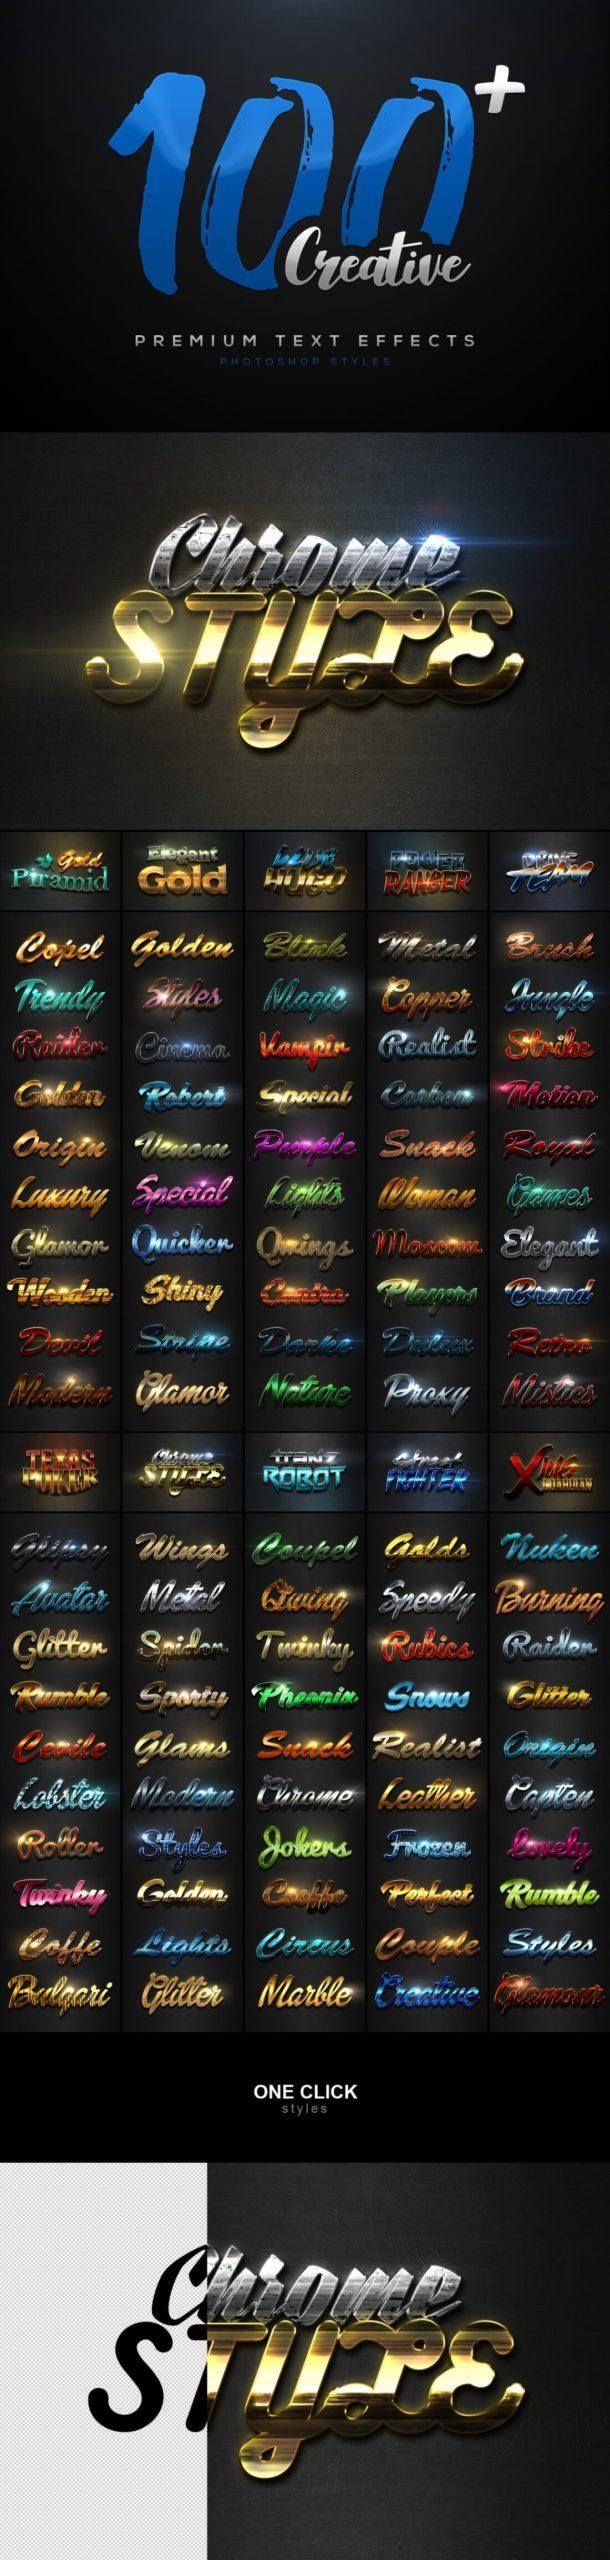 900多款3D立体金属质感标题Logo设计PS文字样式模板 900 Premium Photoshop Text Effects插图3